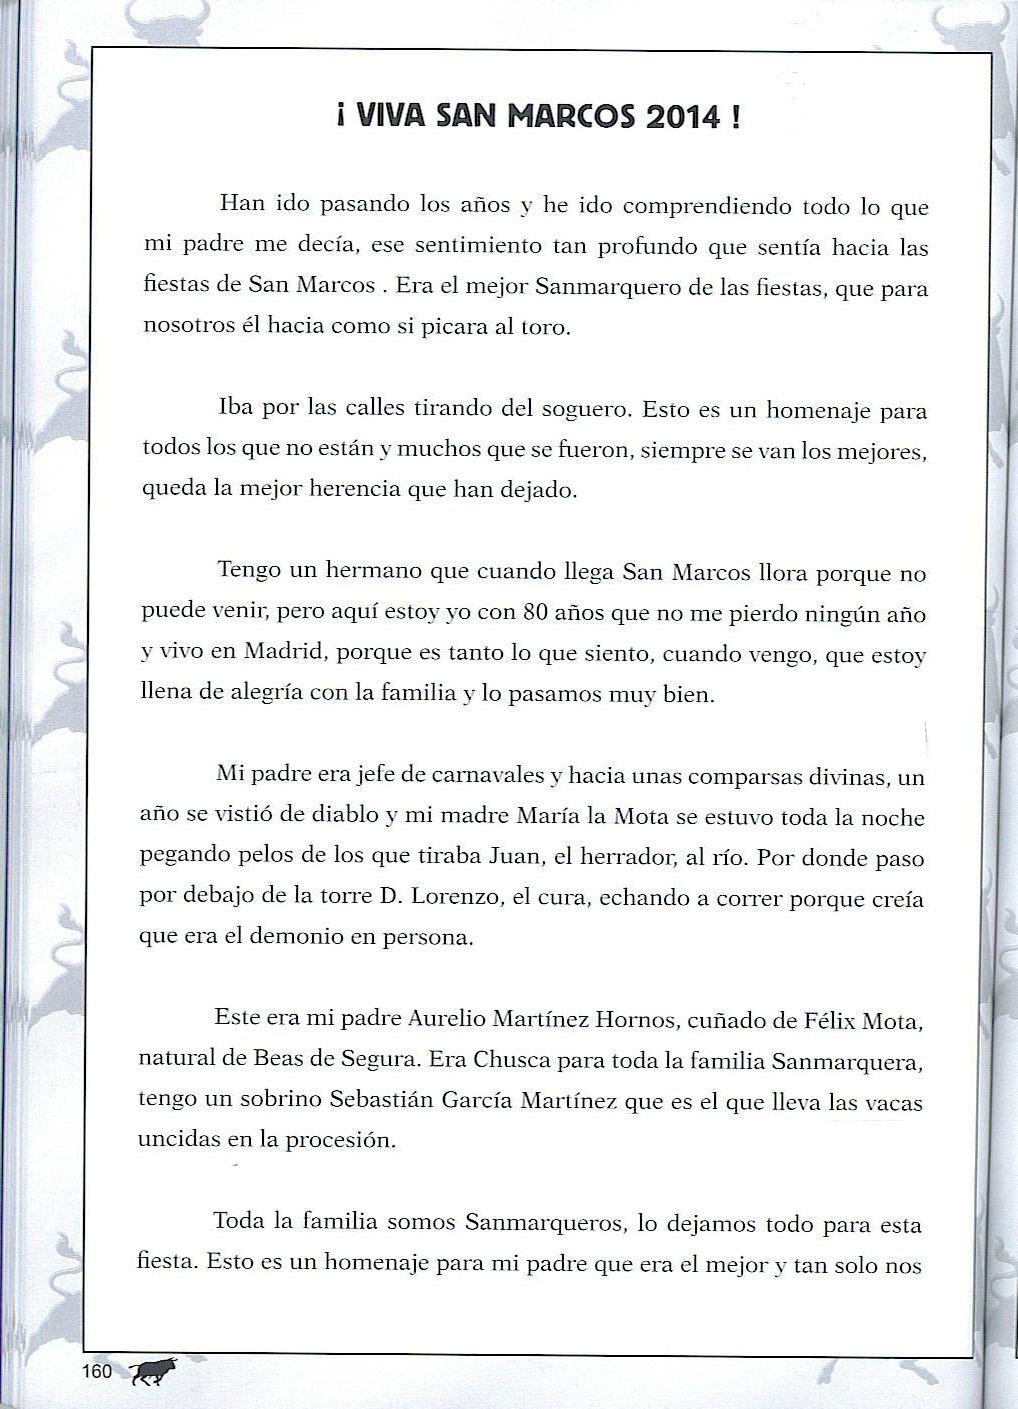 Fiestas de San Marcos: Libro de las Fiestas de San Marcos 2014